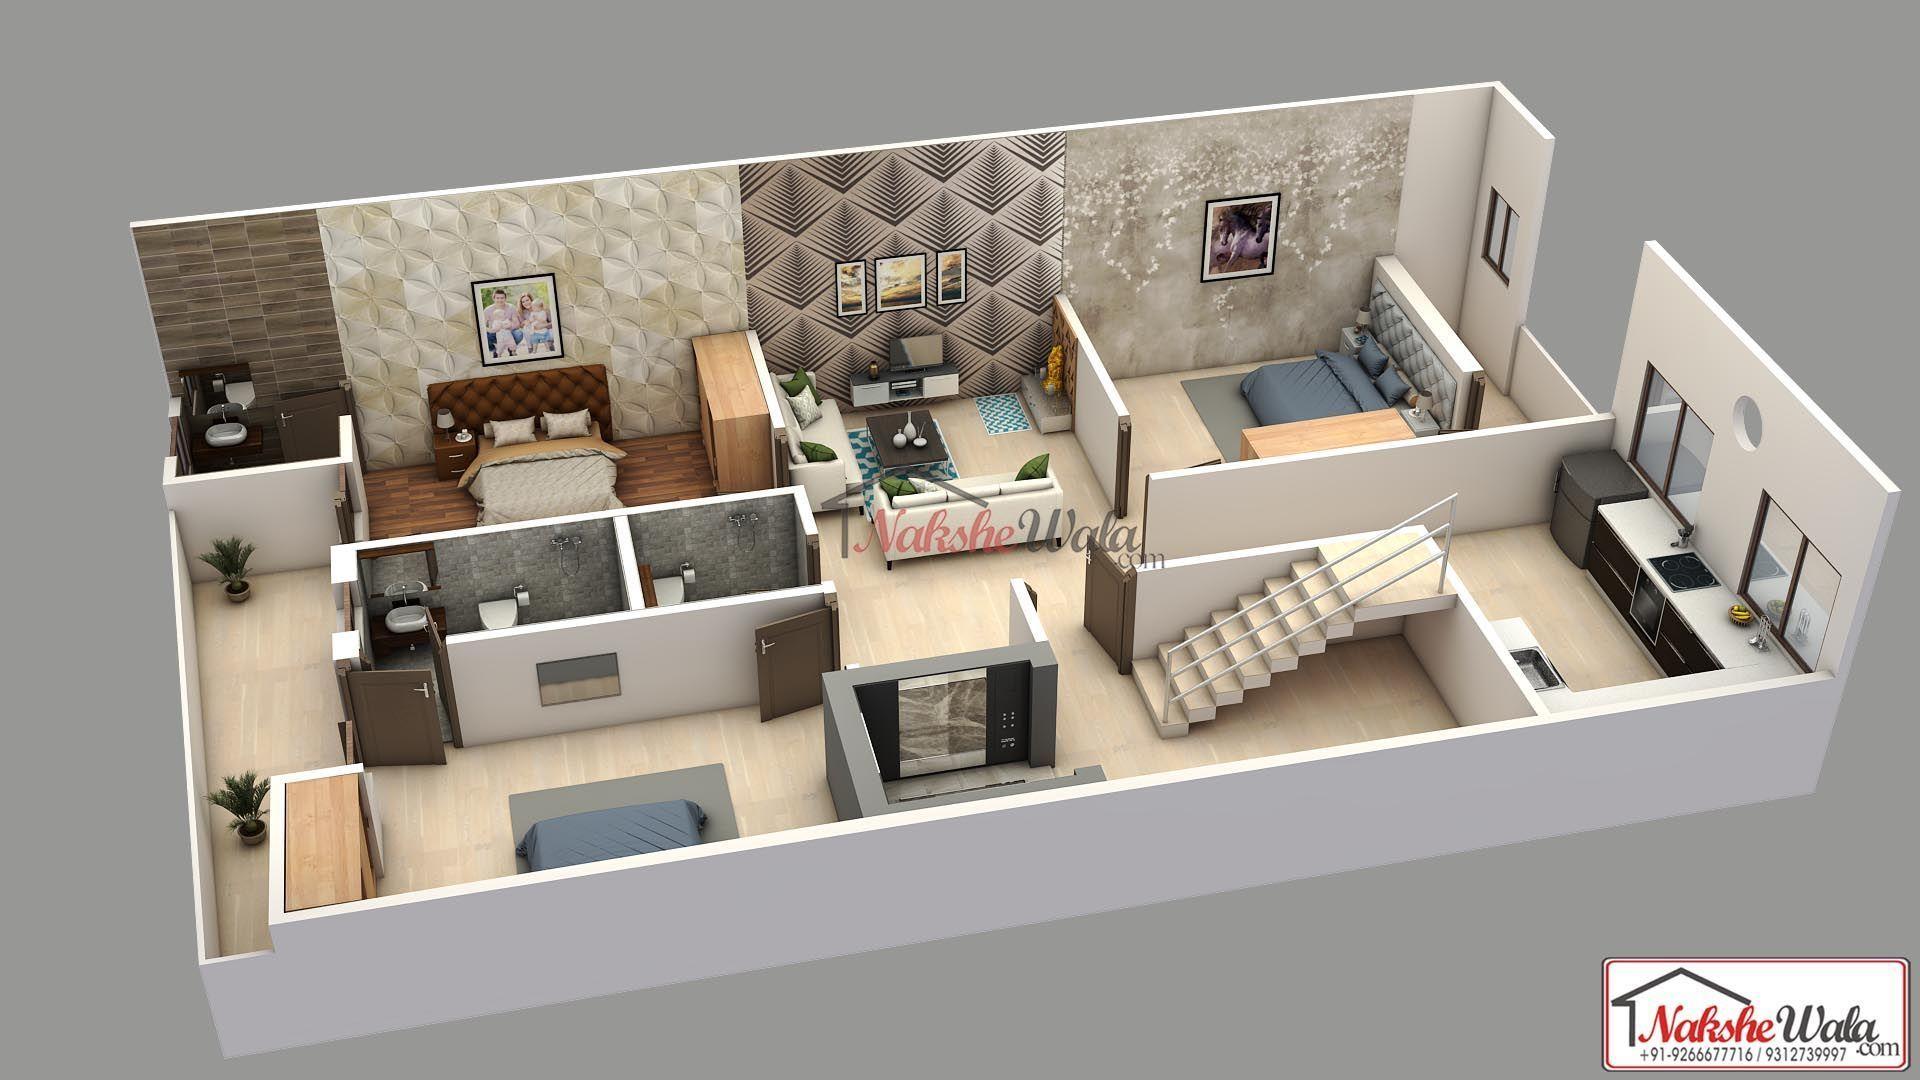 2bhk 3d Grundriss 3d Grundriss 2bhk Floor Grundriss Plan Favoriten Di 2020 Dekorasi Kreatif Dekorasi Kreatif